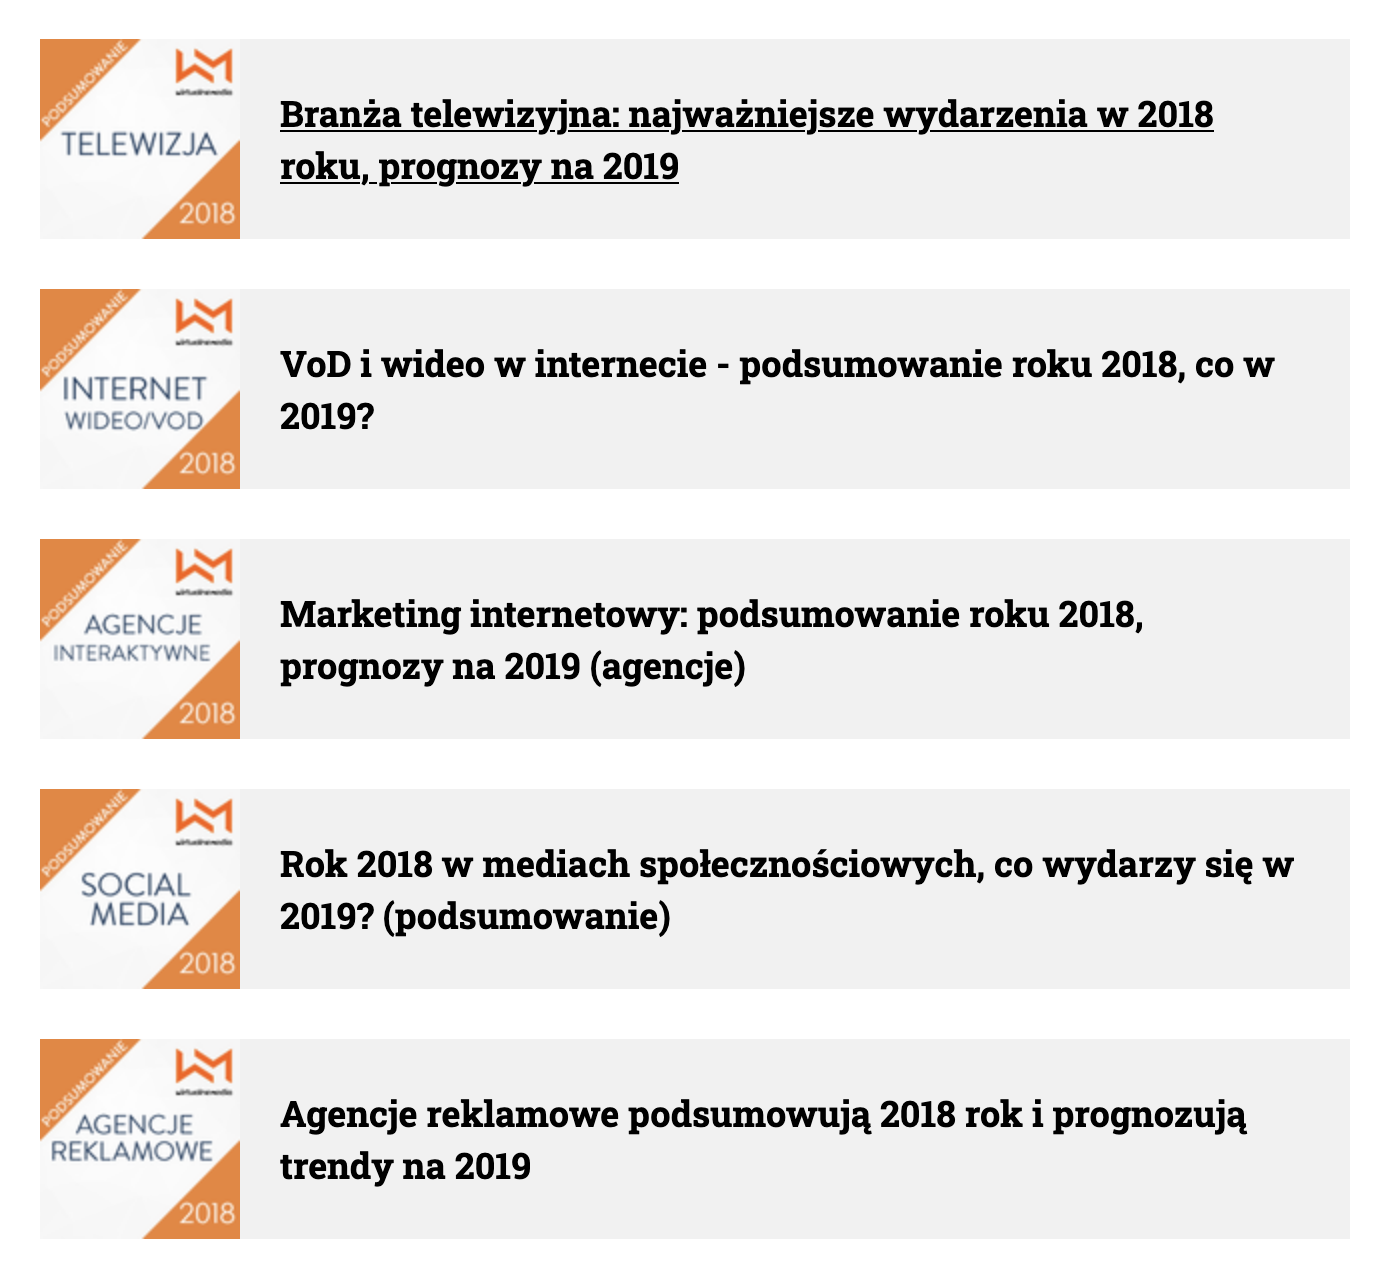 Źródło: https://www.wirtualnemedia.pl/artykul/influencer-marketing-prognozy-na-2019